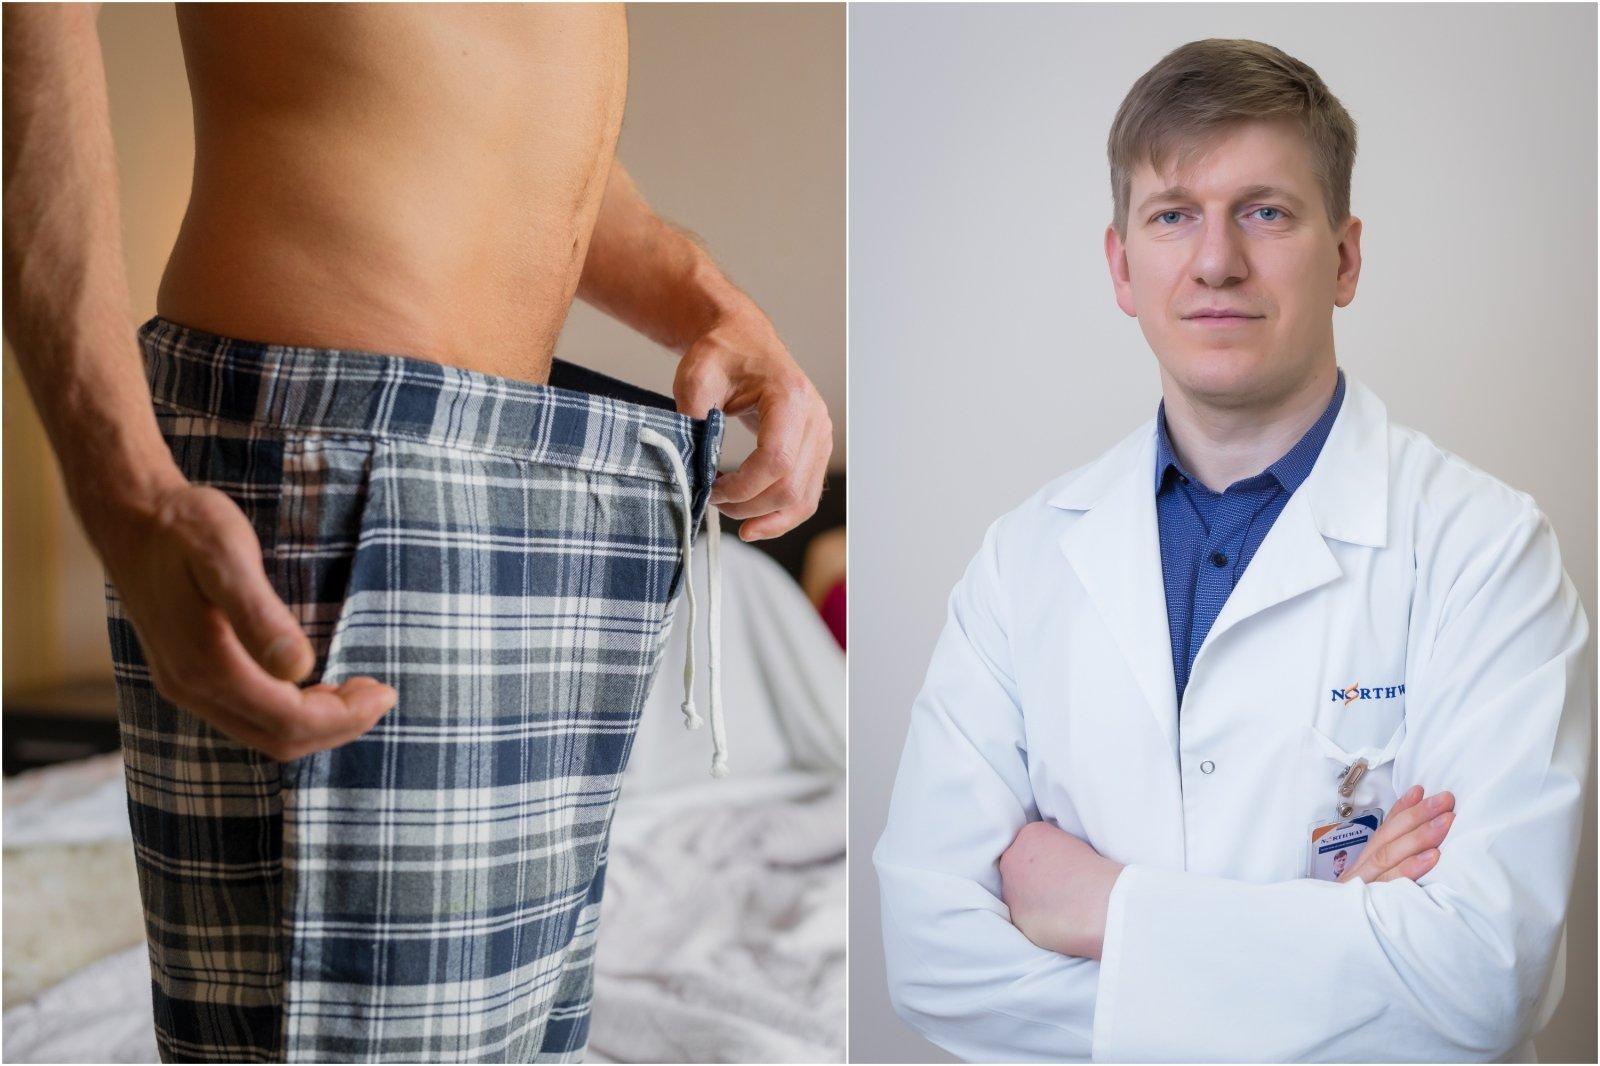 naujausi vaistai skirti erekcijai gydyti organų masažas siekiant pagerinti erekciją